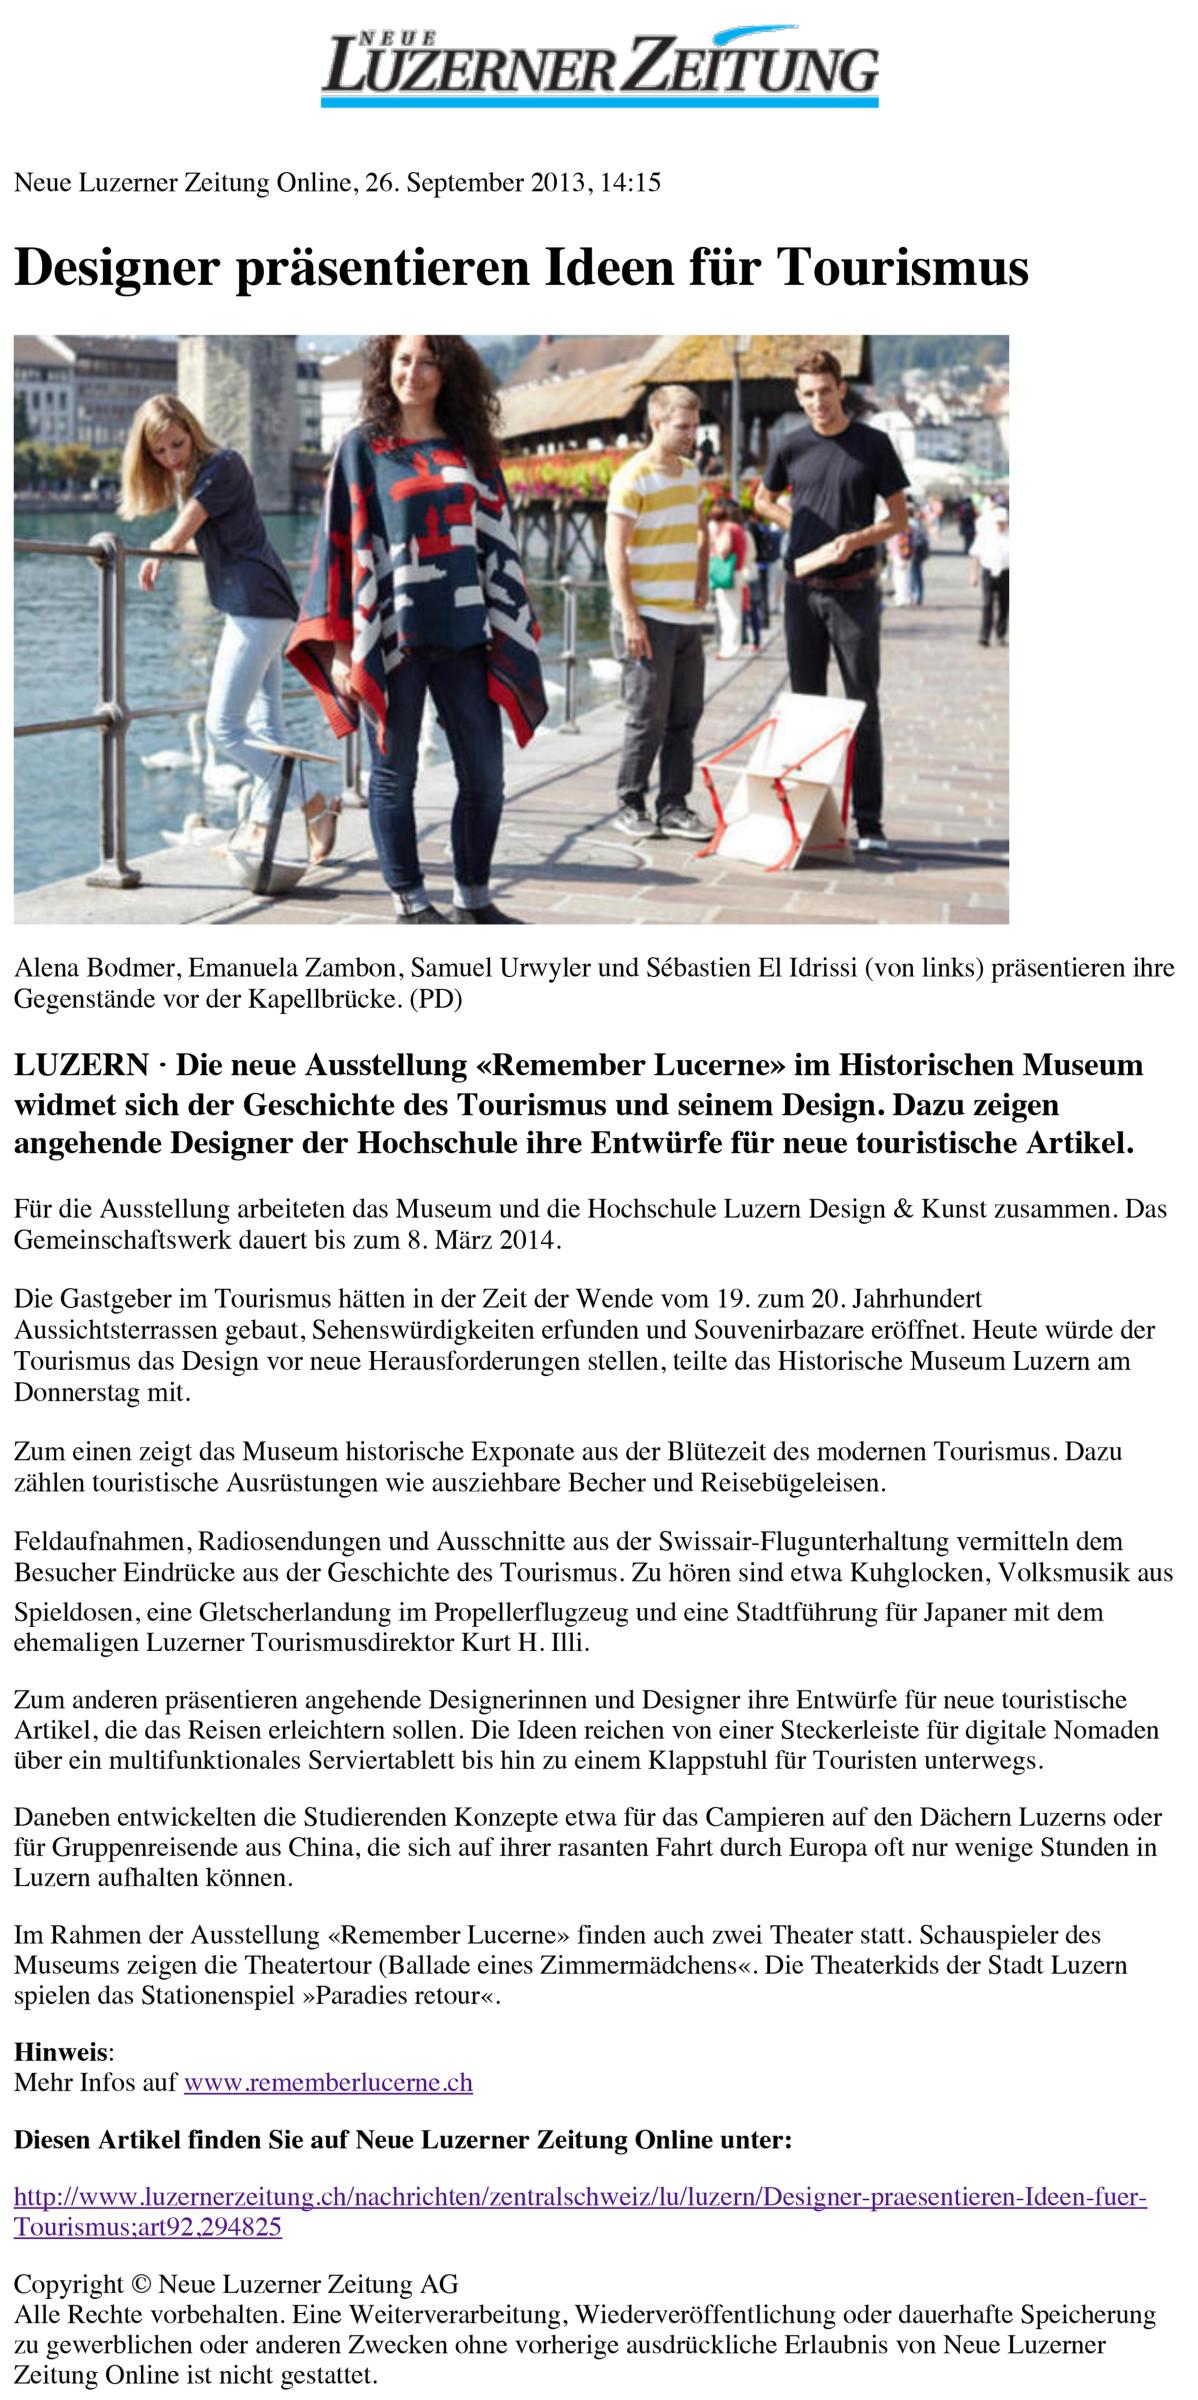 Neue Luzerner Zeitung Online - Designer präsentieren Ideen für